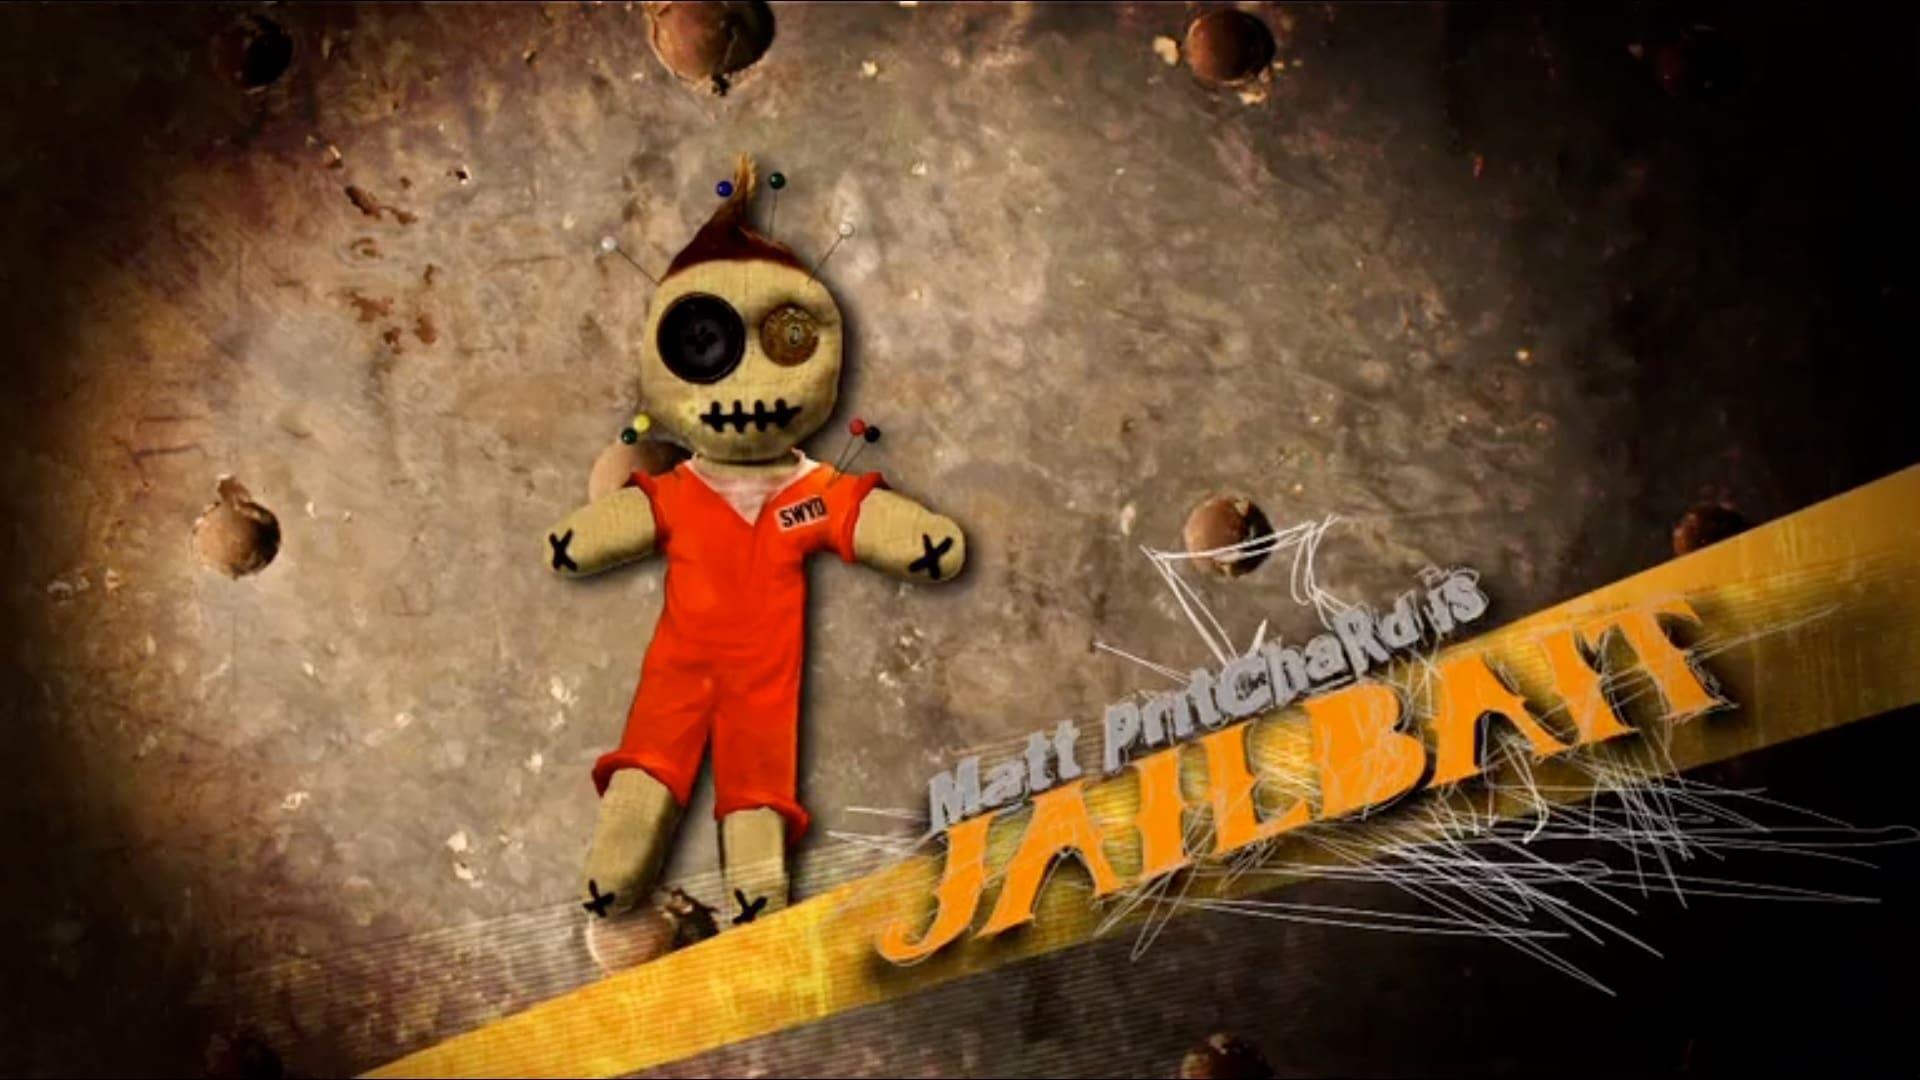 Jailbait (2008)